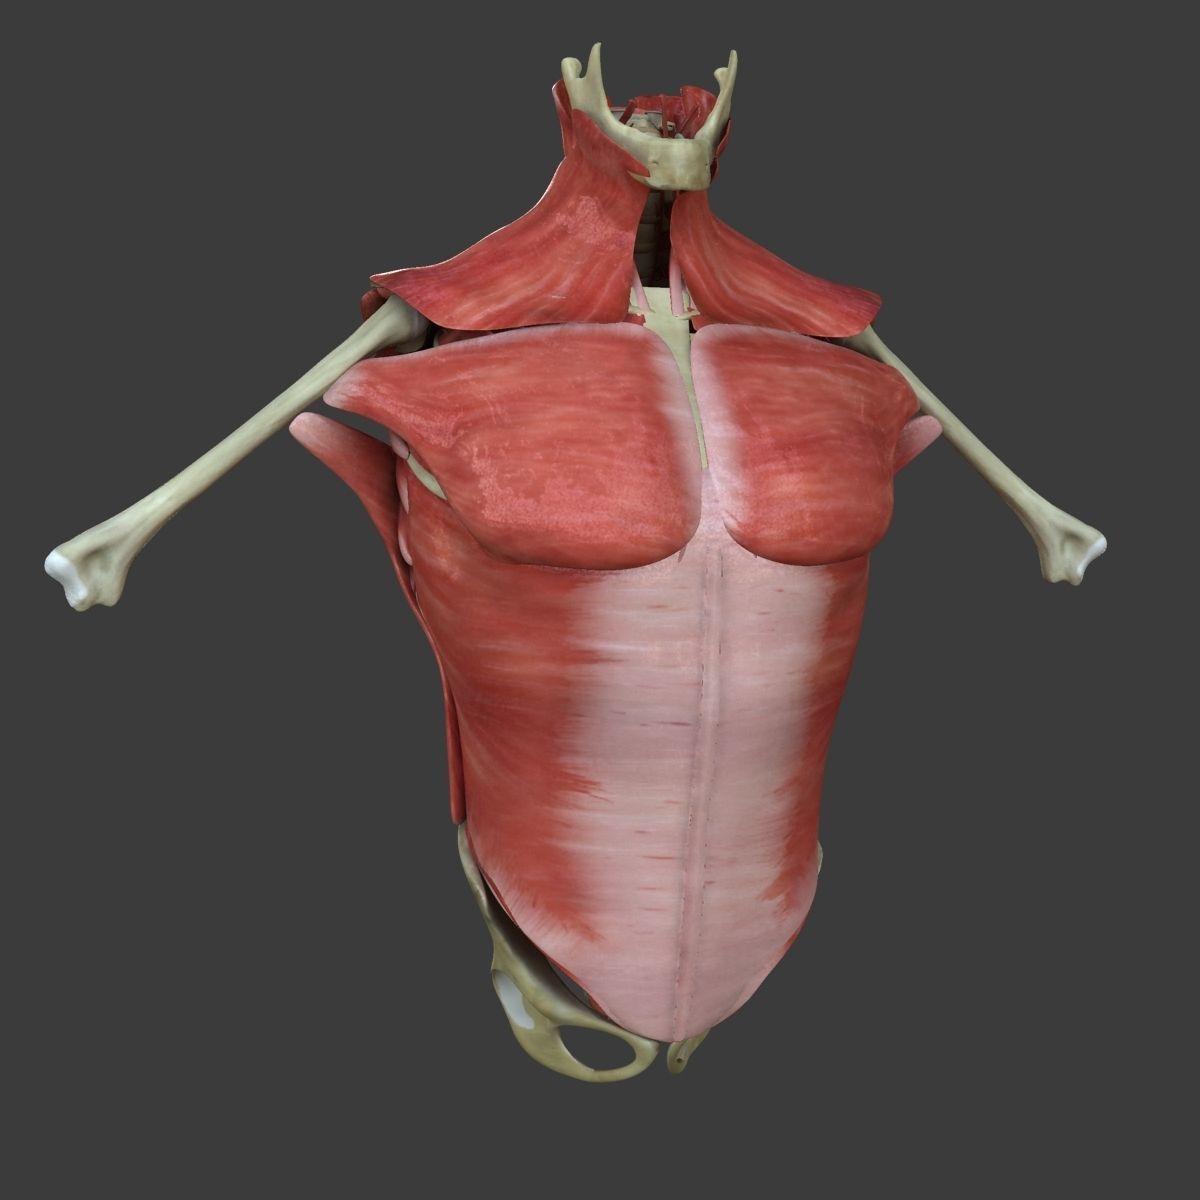 Human Torso Muscle Anatomy Medical Edition 3D | CGTrader